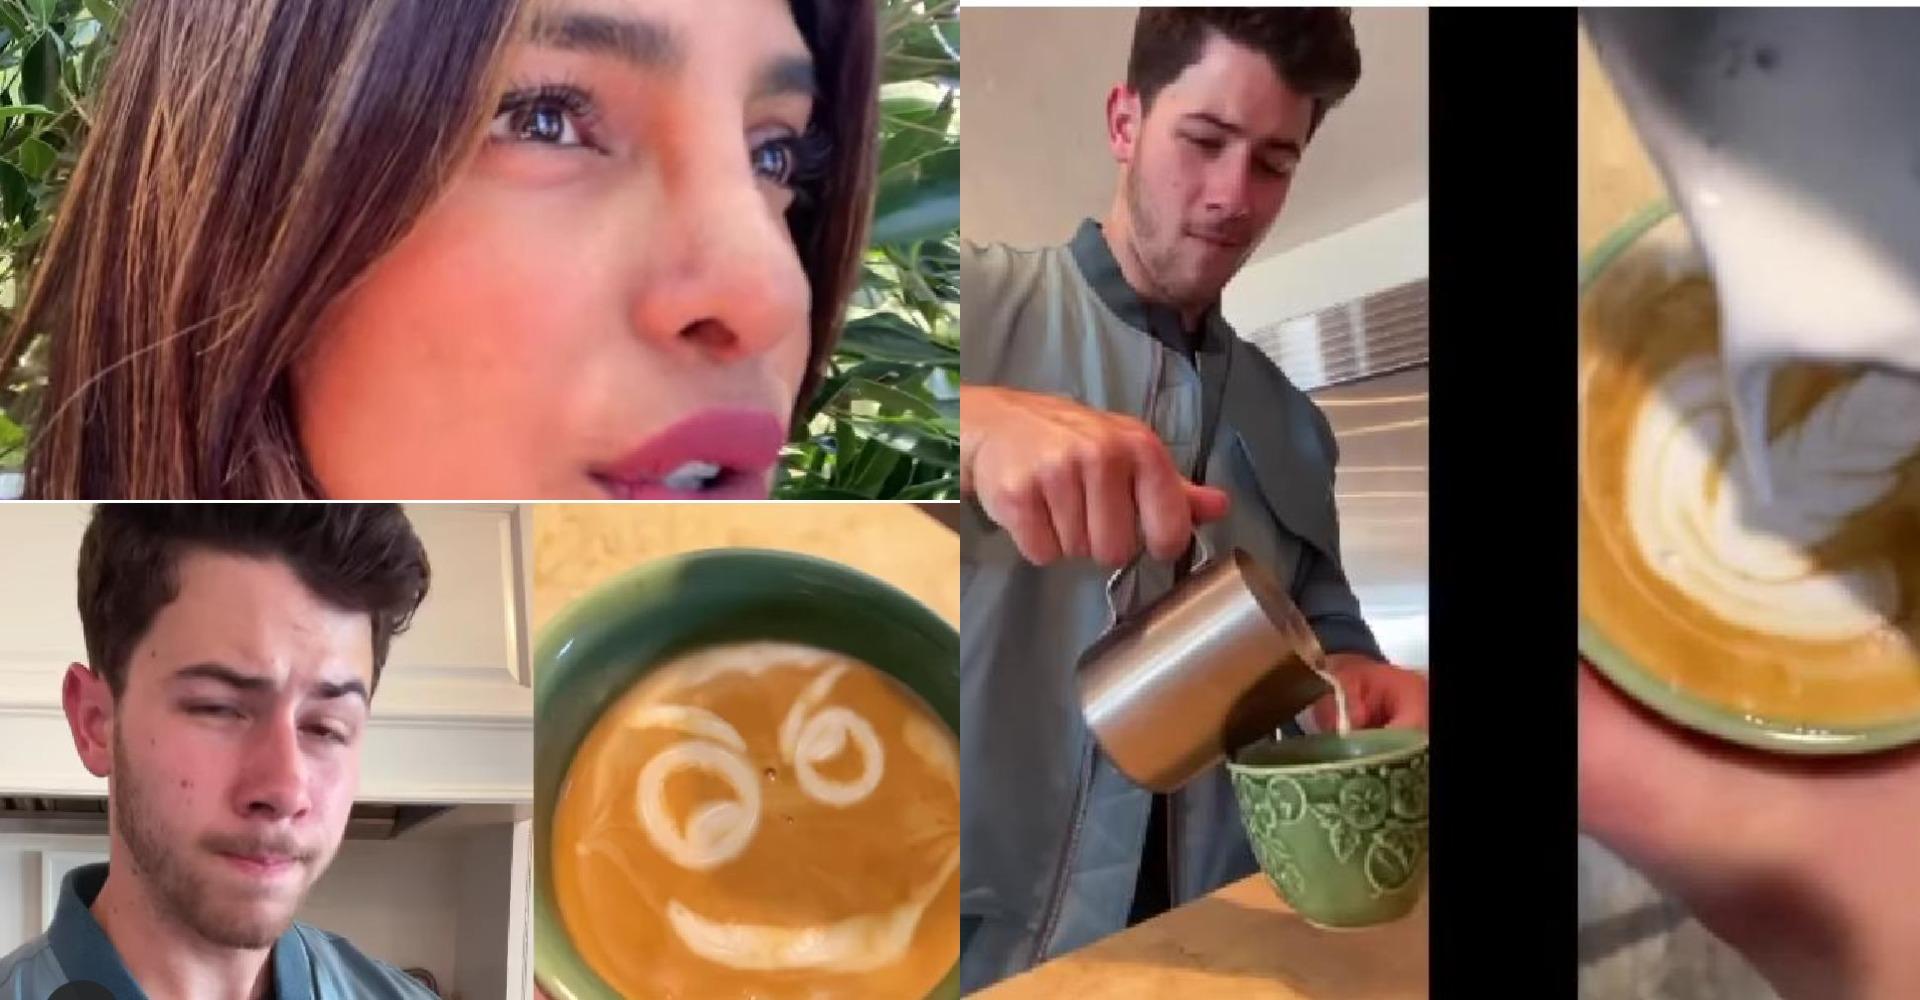 प्रियंका चोपड़ा के पति निक जोनस को क्वारंटाइन में लग गई अलग-अलग प्रकार की कॉफी बनाने की आदत, यहाँ देखे वीडियो